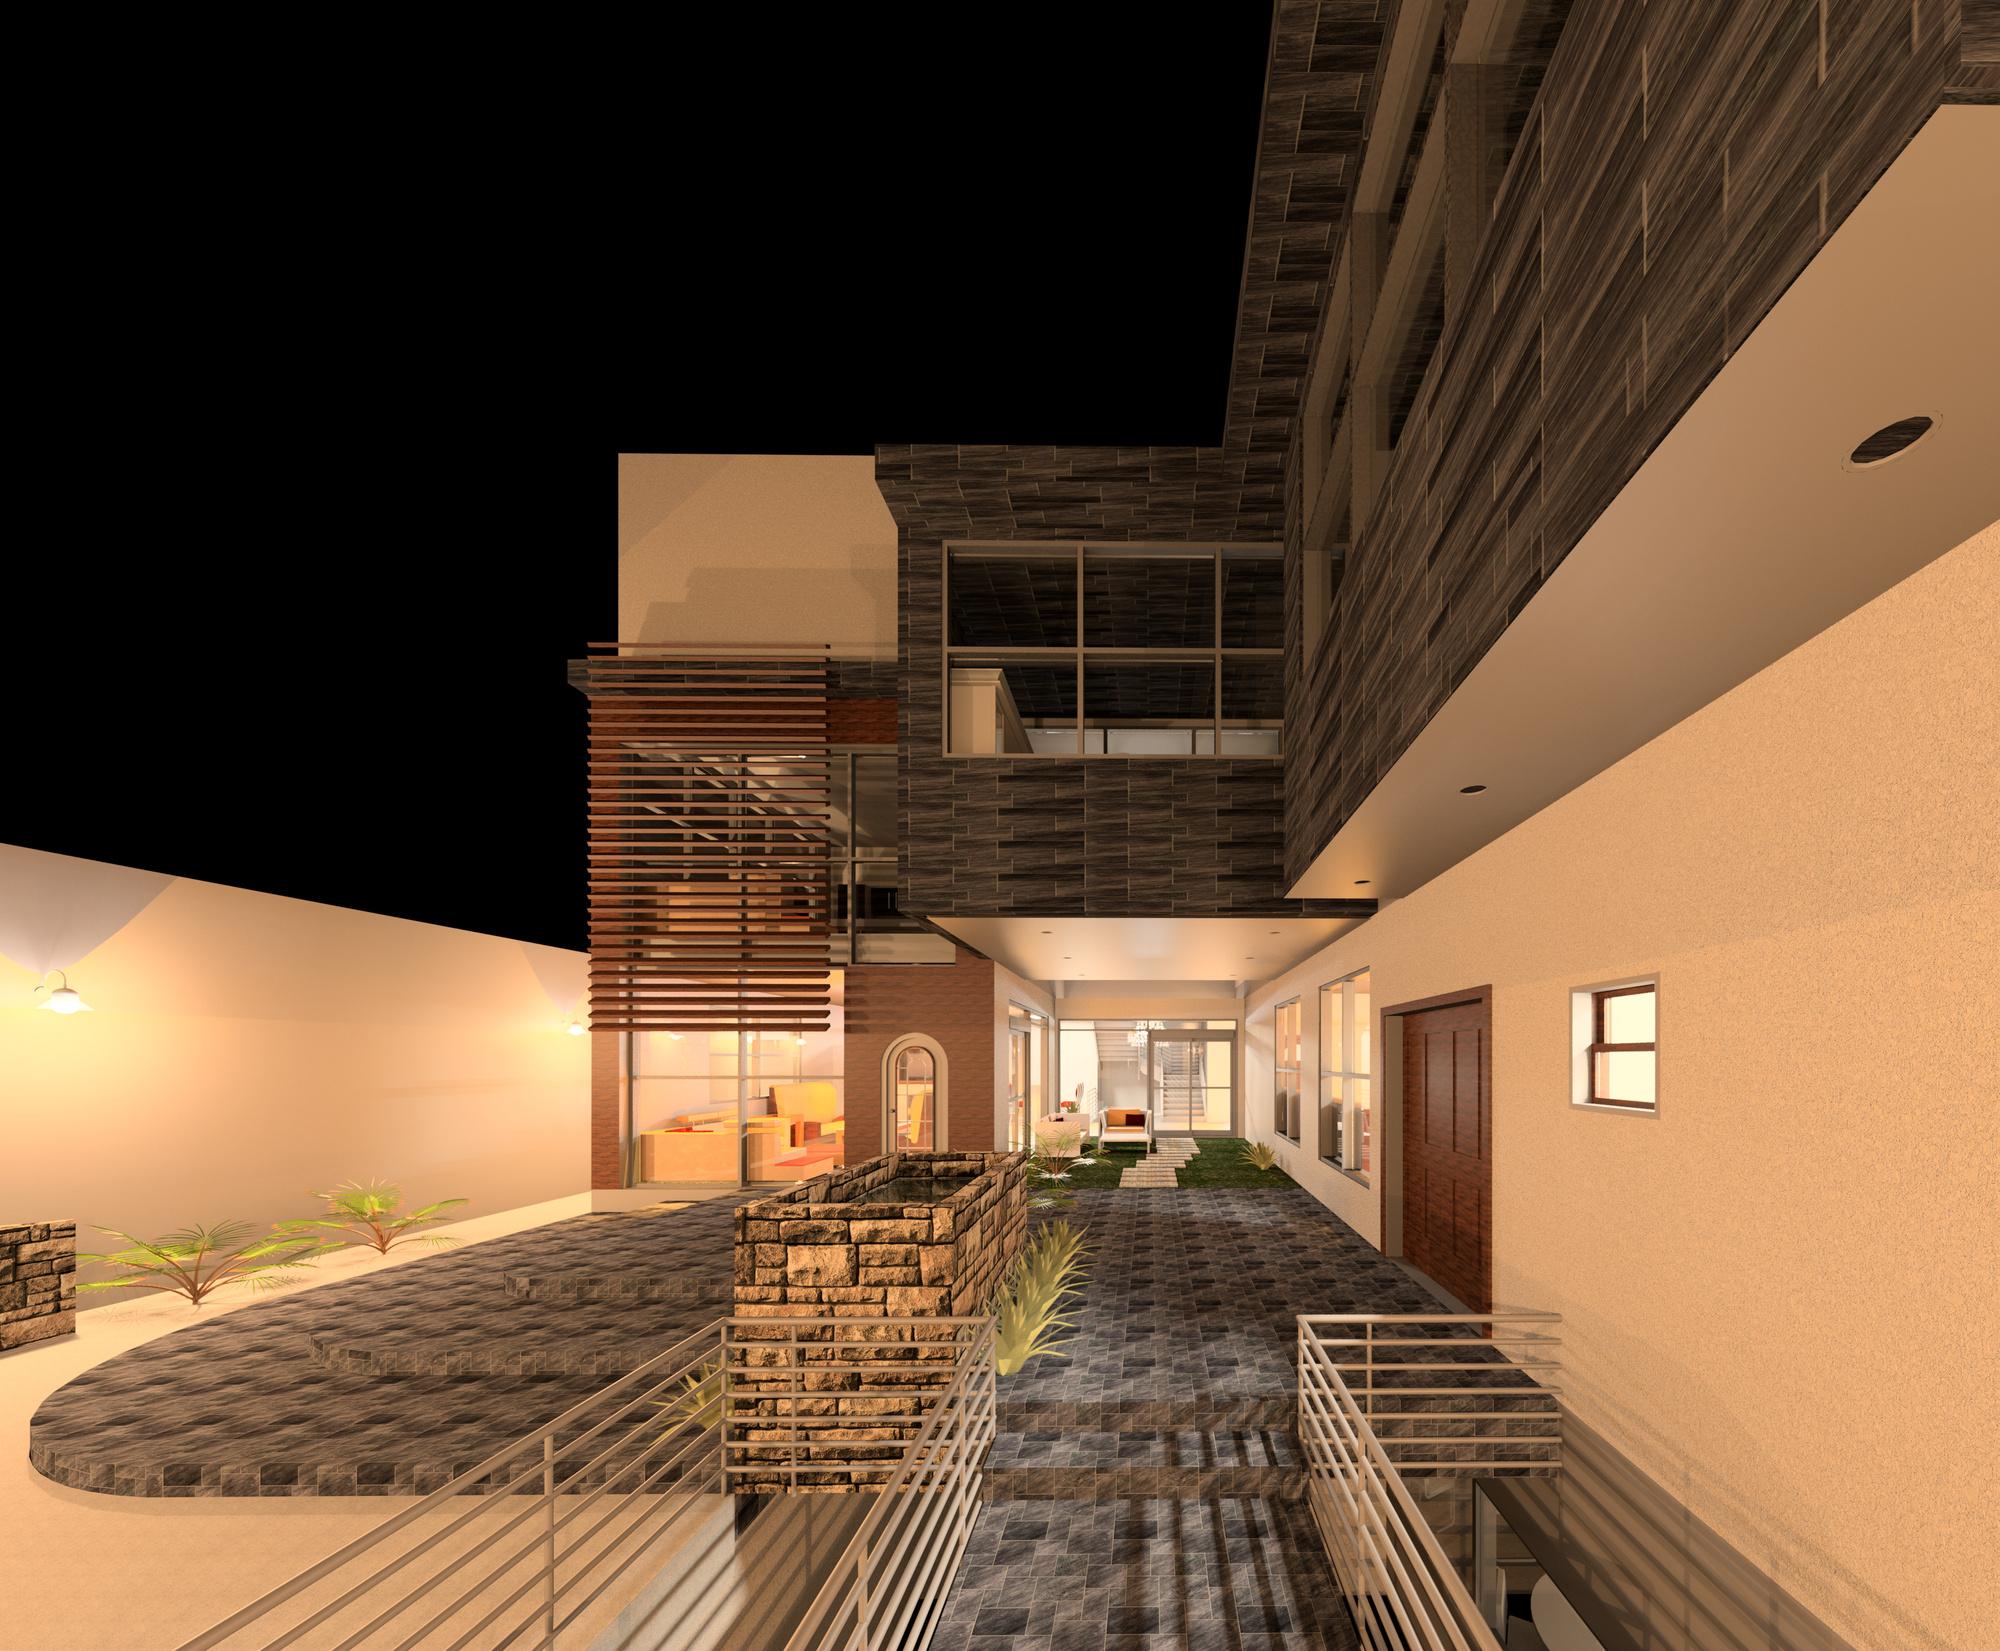 Raas-rendering20150527-27723-gh5aor